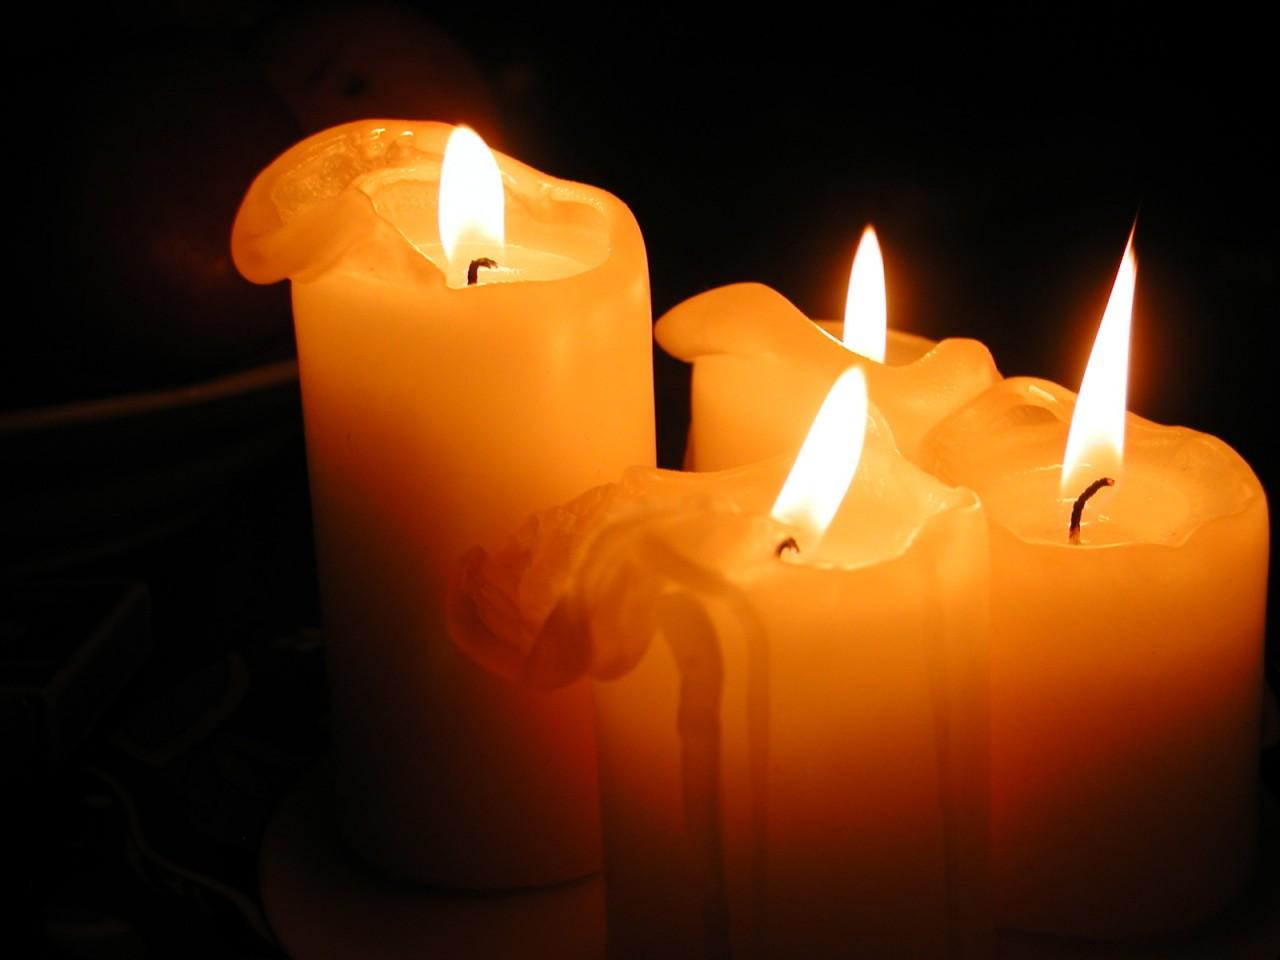 Таяли четыре свечи...